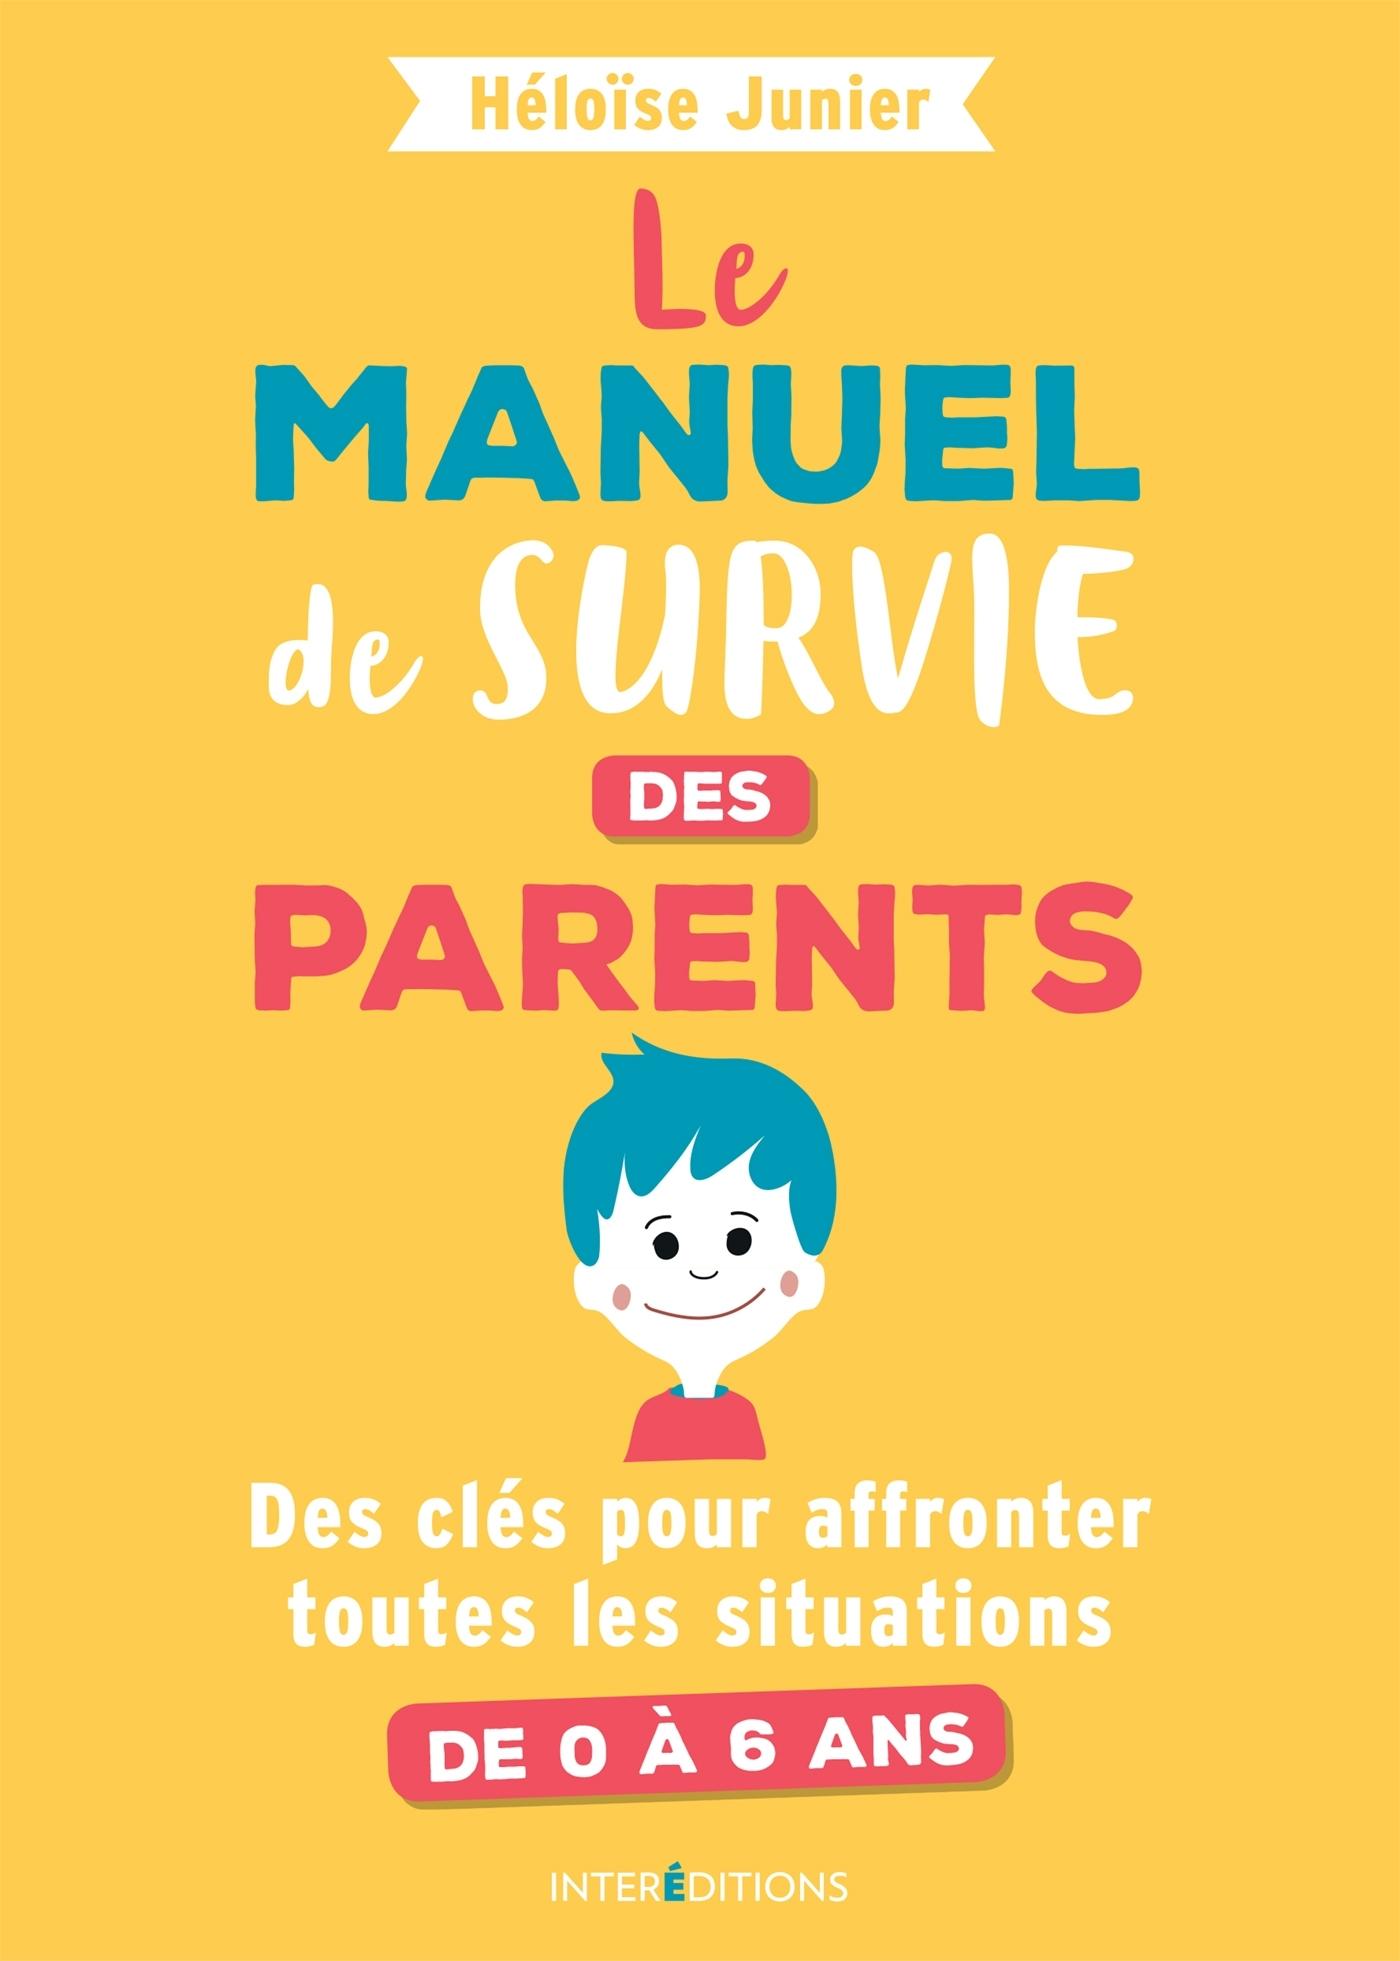 LE MANUEL DE SURVIE DES PARENTS - DES CLES POUR AFFRONTER TOUTES LES SITUATIONS DE 0 A 6 ANS